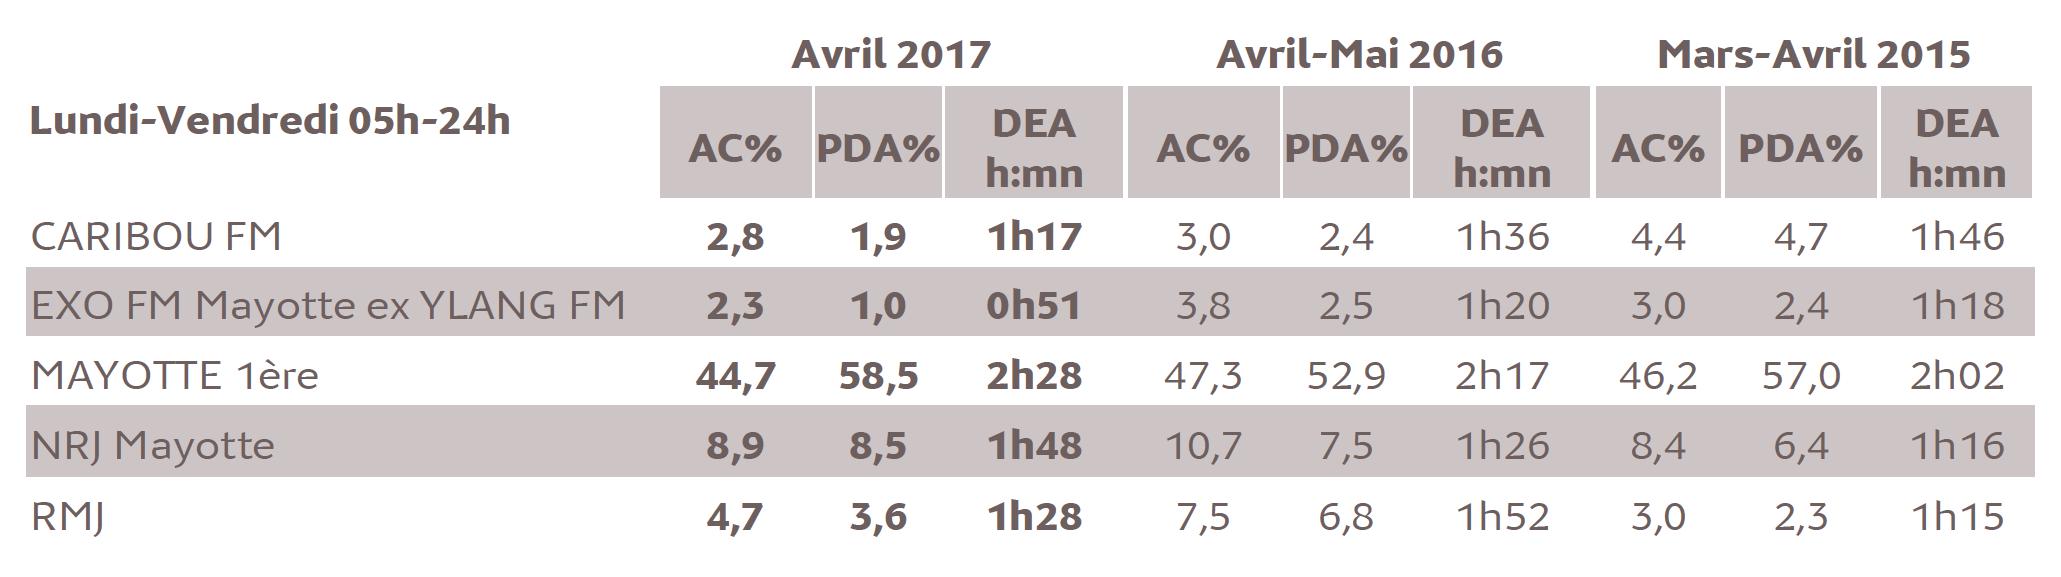 Source : Médiamétrie - Etude ad hoc Mayotte - Avril 2017- Copyright Médiamétrie - Tous droits réservés